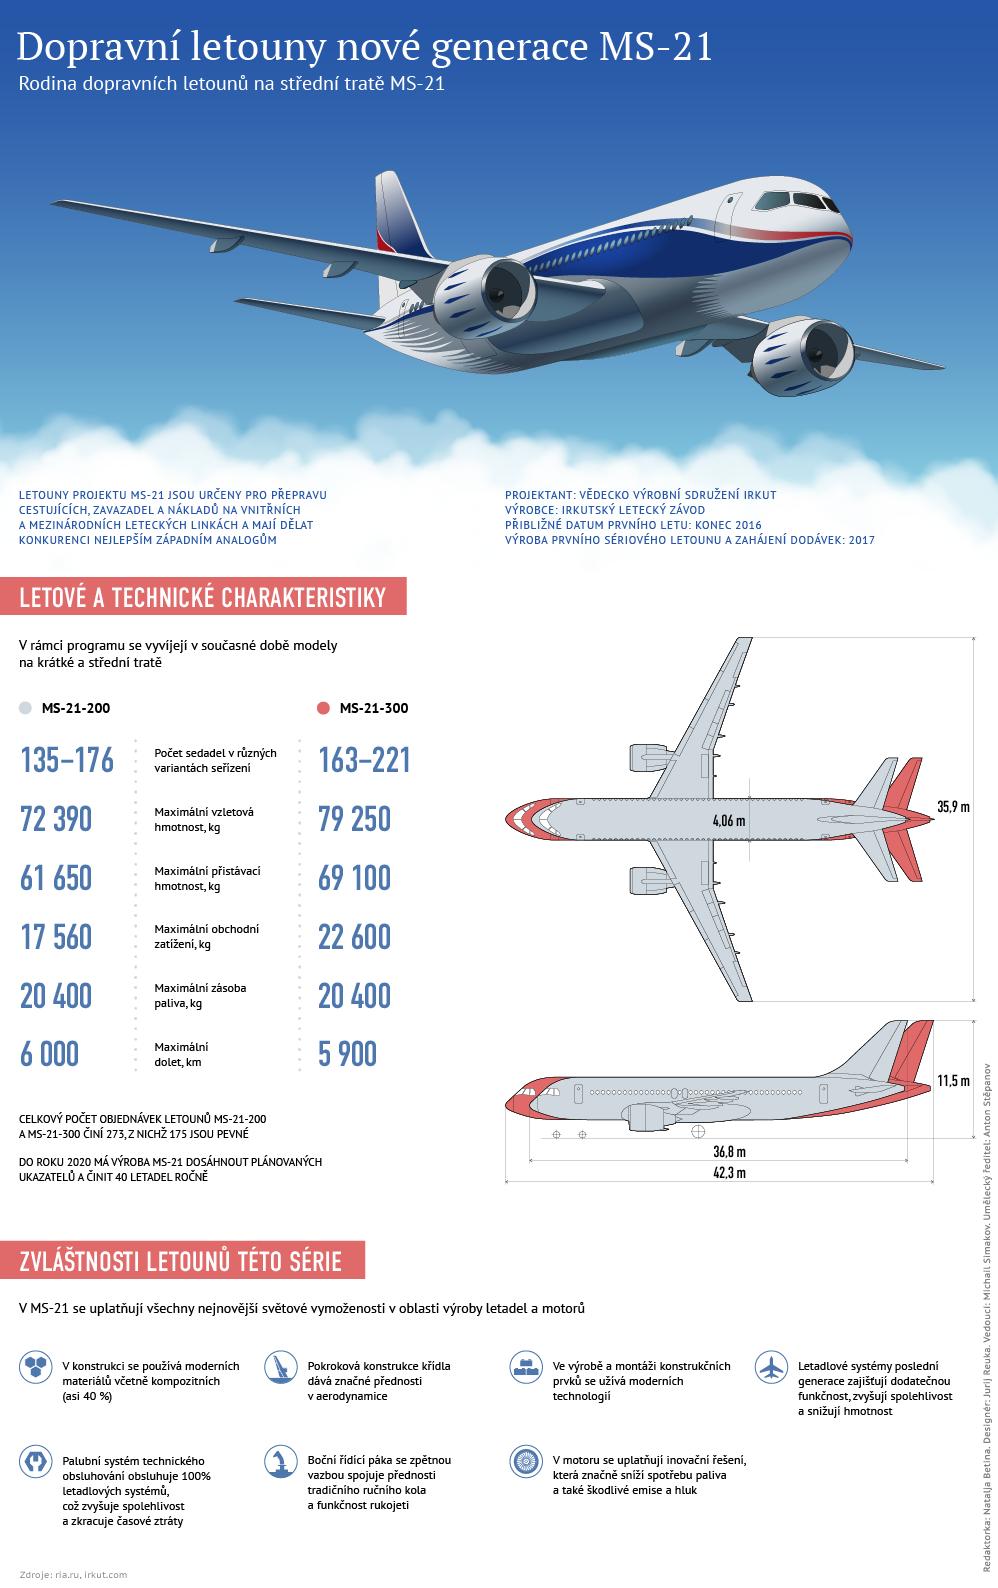 Dopravní letoun nové generace MS-21